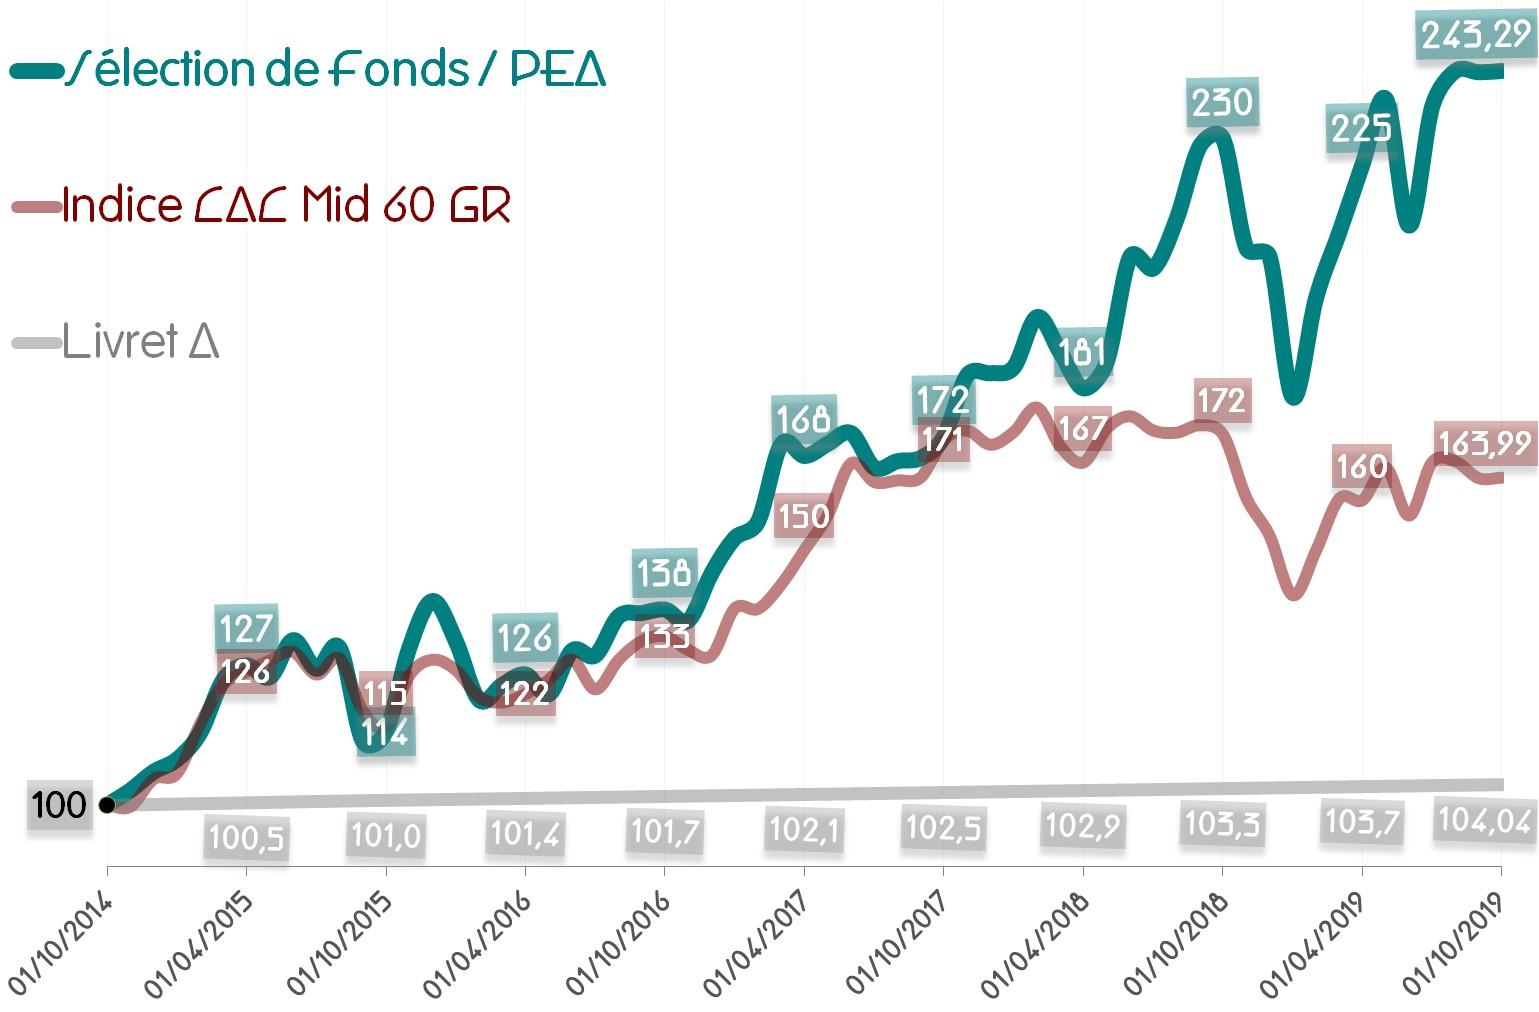 Performance de la Sélection de Fonds - PEA